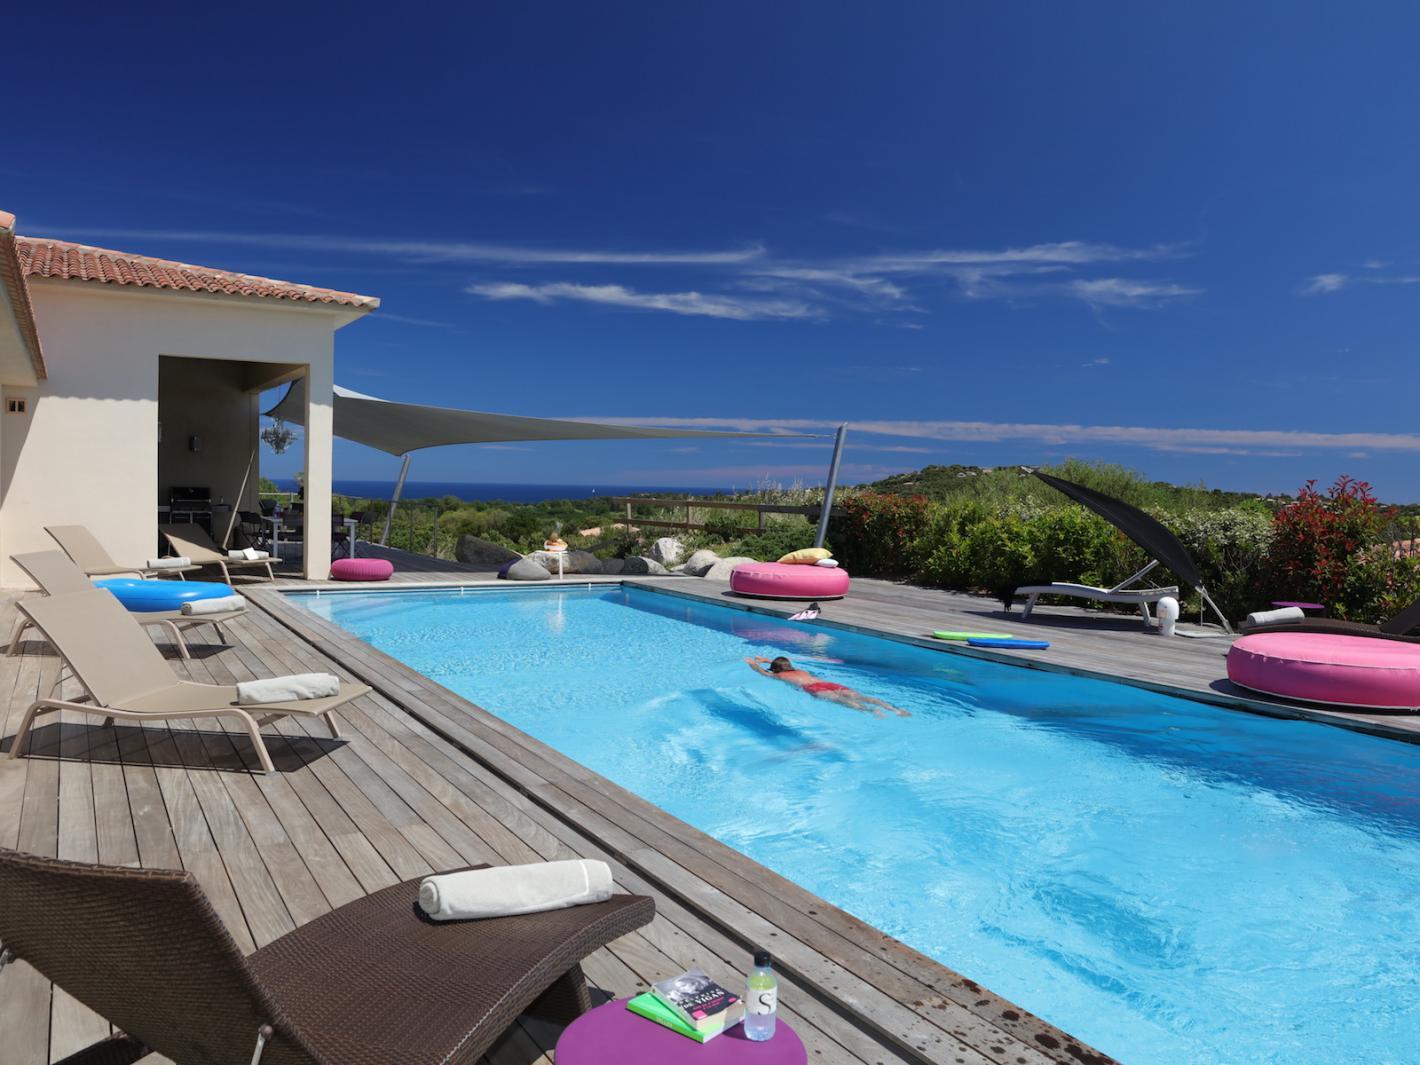 Belle villa avec piscine priv e chauff e vue mer sainte - Location maison piscine porto vecchio ...